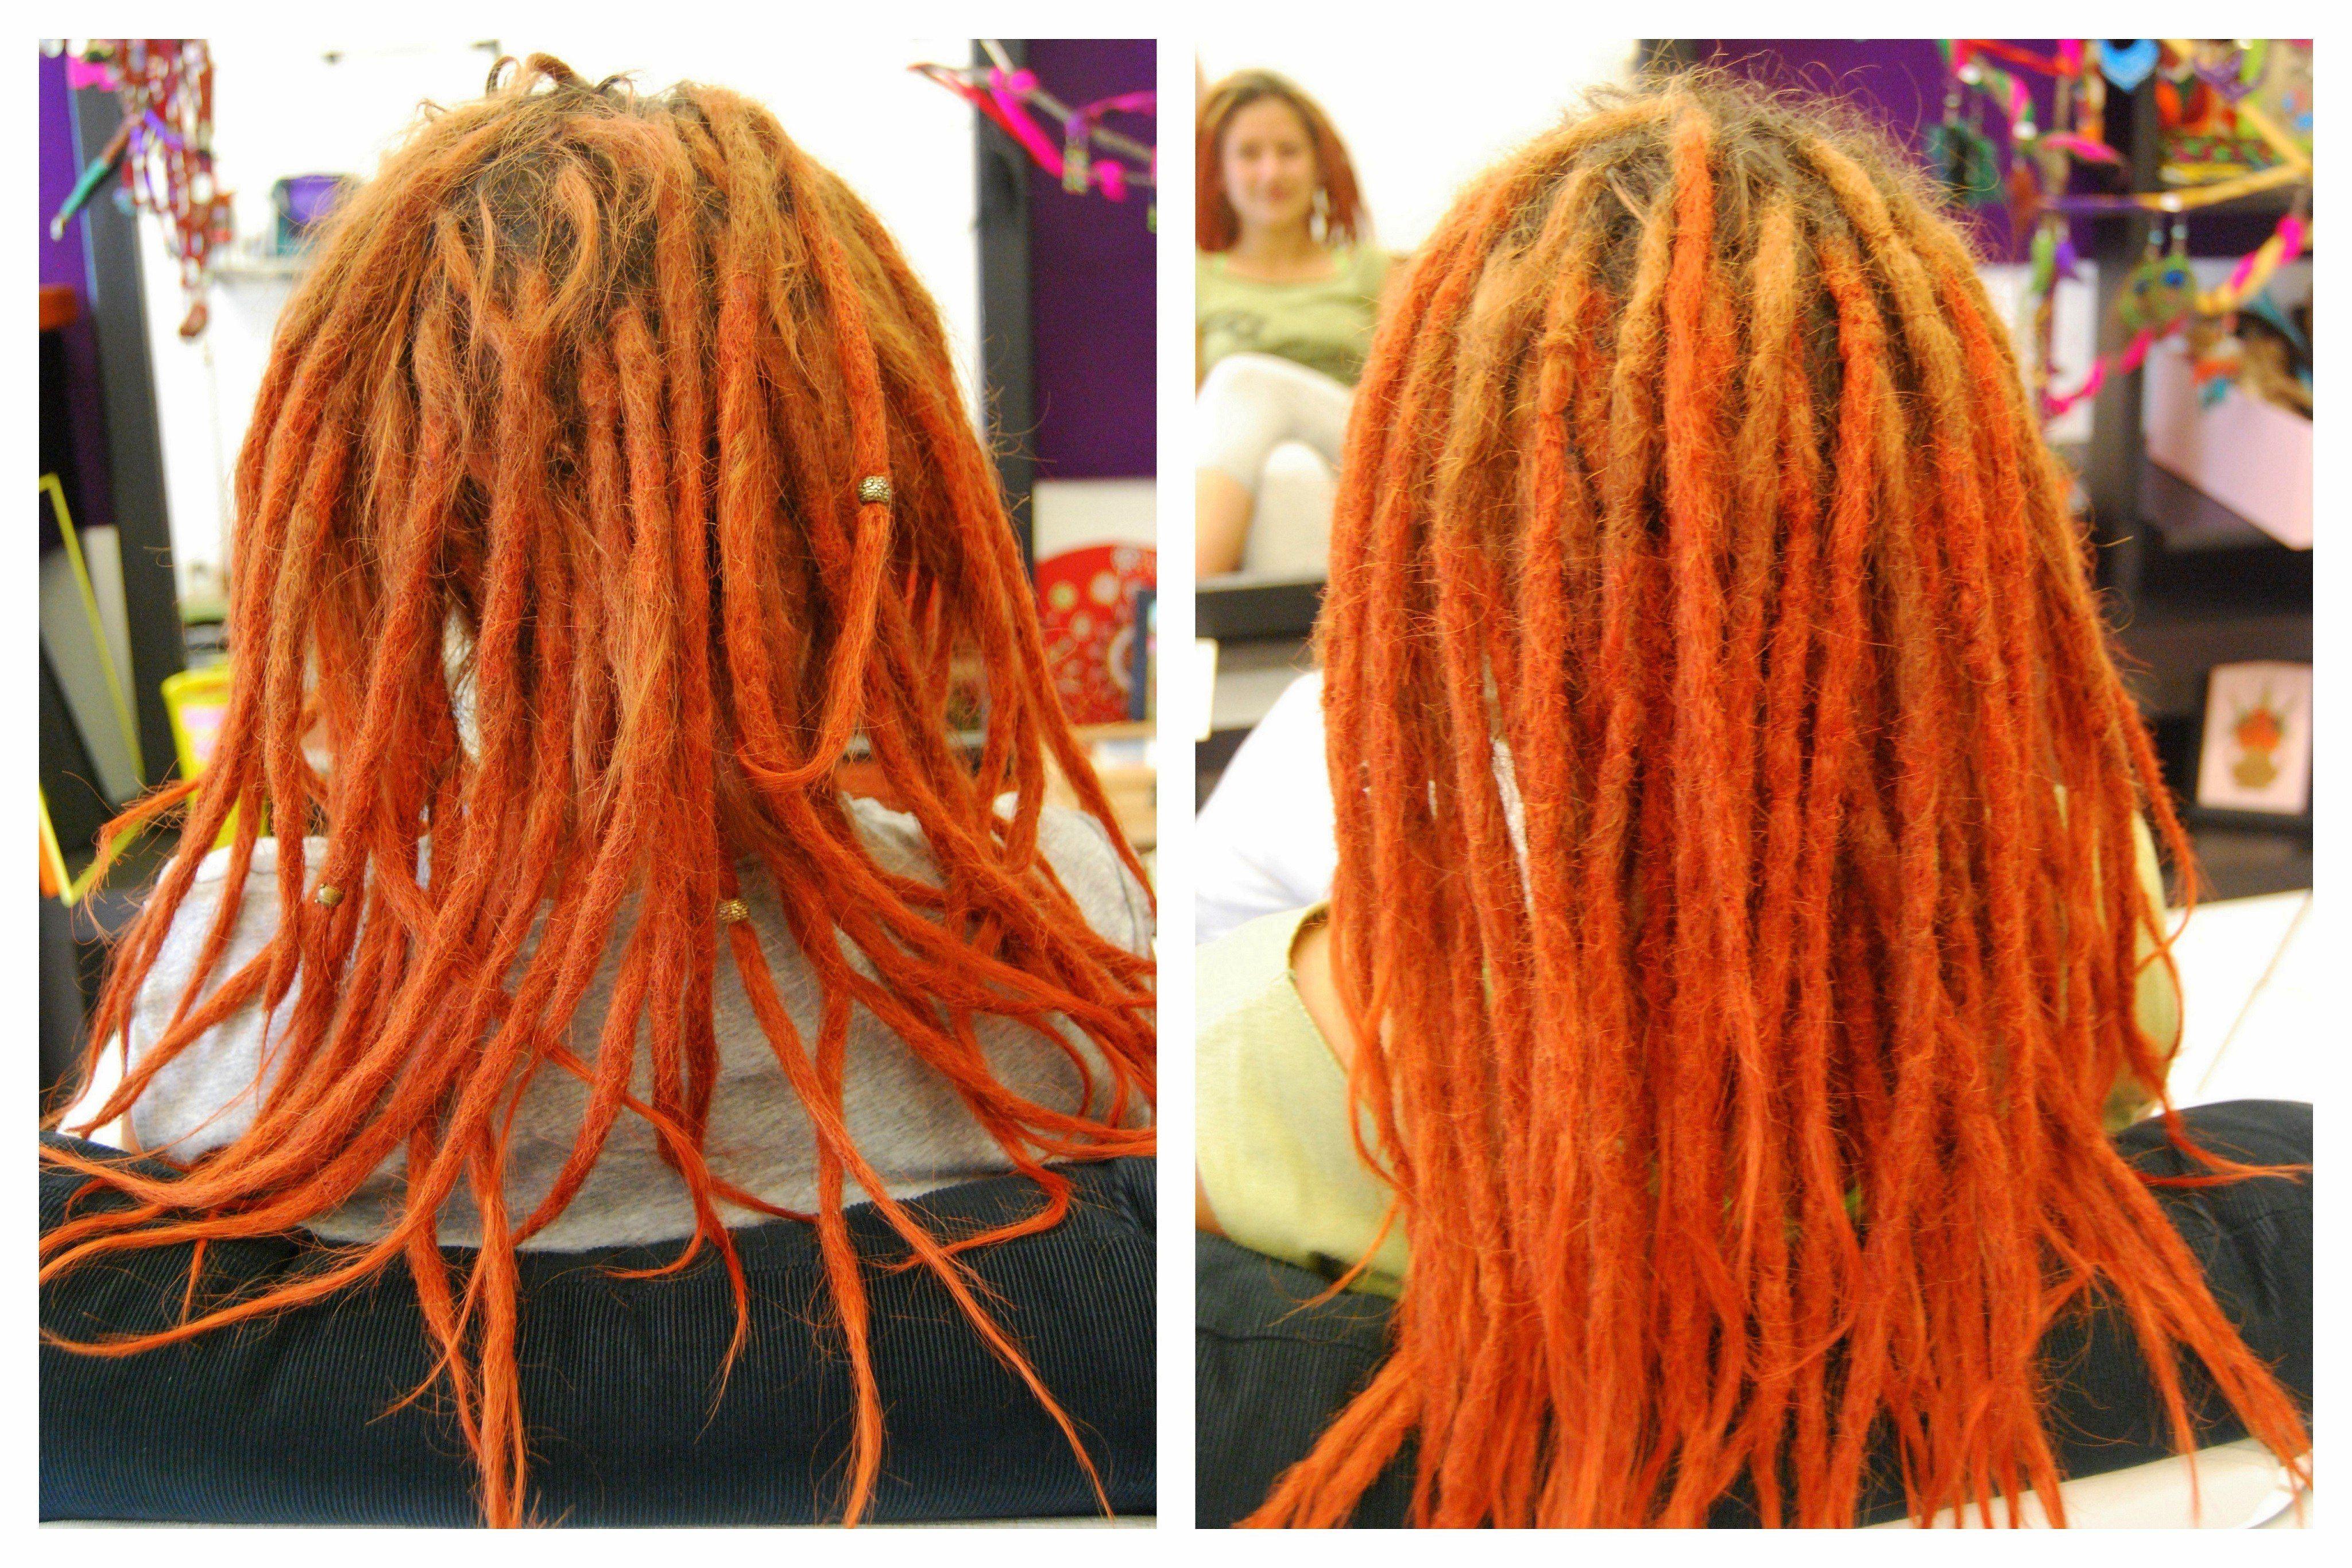 Creativo peinados con rastas Imagen de ideas de color de pelo - peinados-con-rastas-2016-de-color-naranja - Peinados